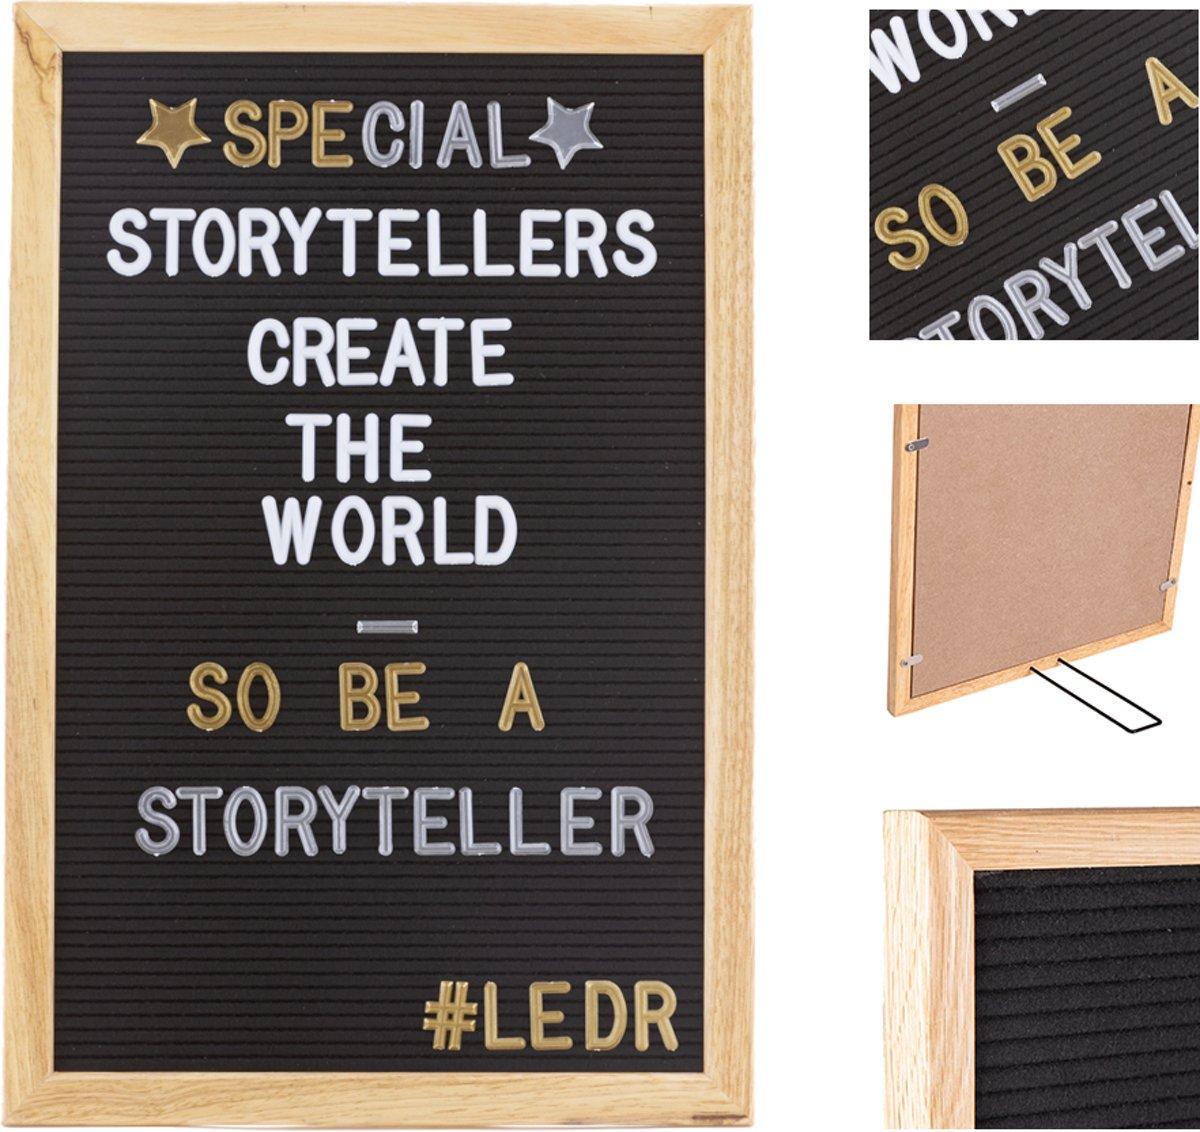 LEDR® Letterbord 30 x 45 Zwart – Inclusief 340 letters, symbolen & emoticons – Inclusief 340 gouden en zilveren letters, symbolen & emoticons – Inclusief verstelbaar standaard - Eiken houten frame kopen